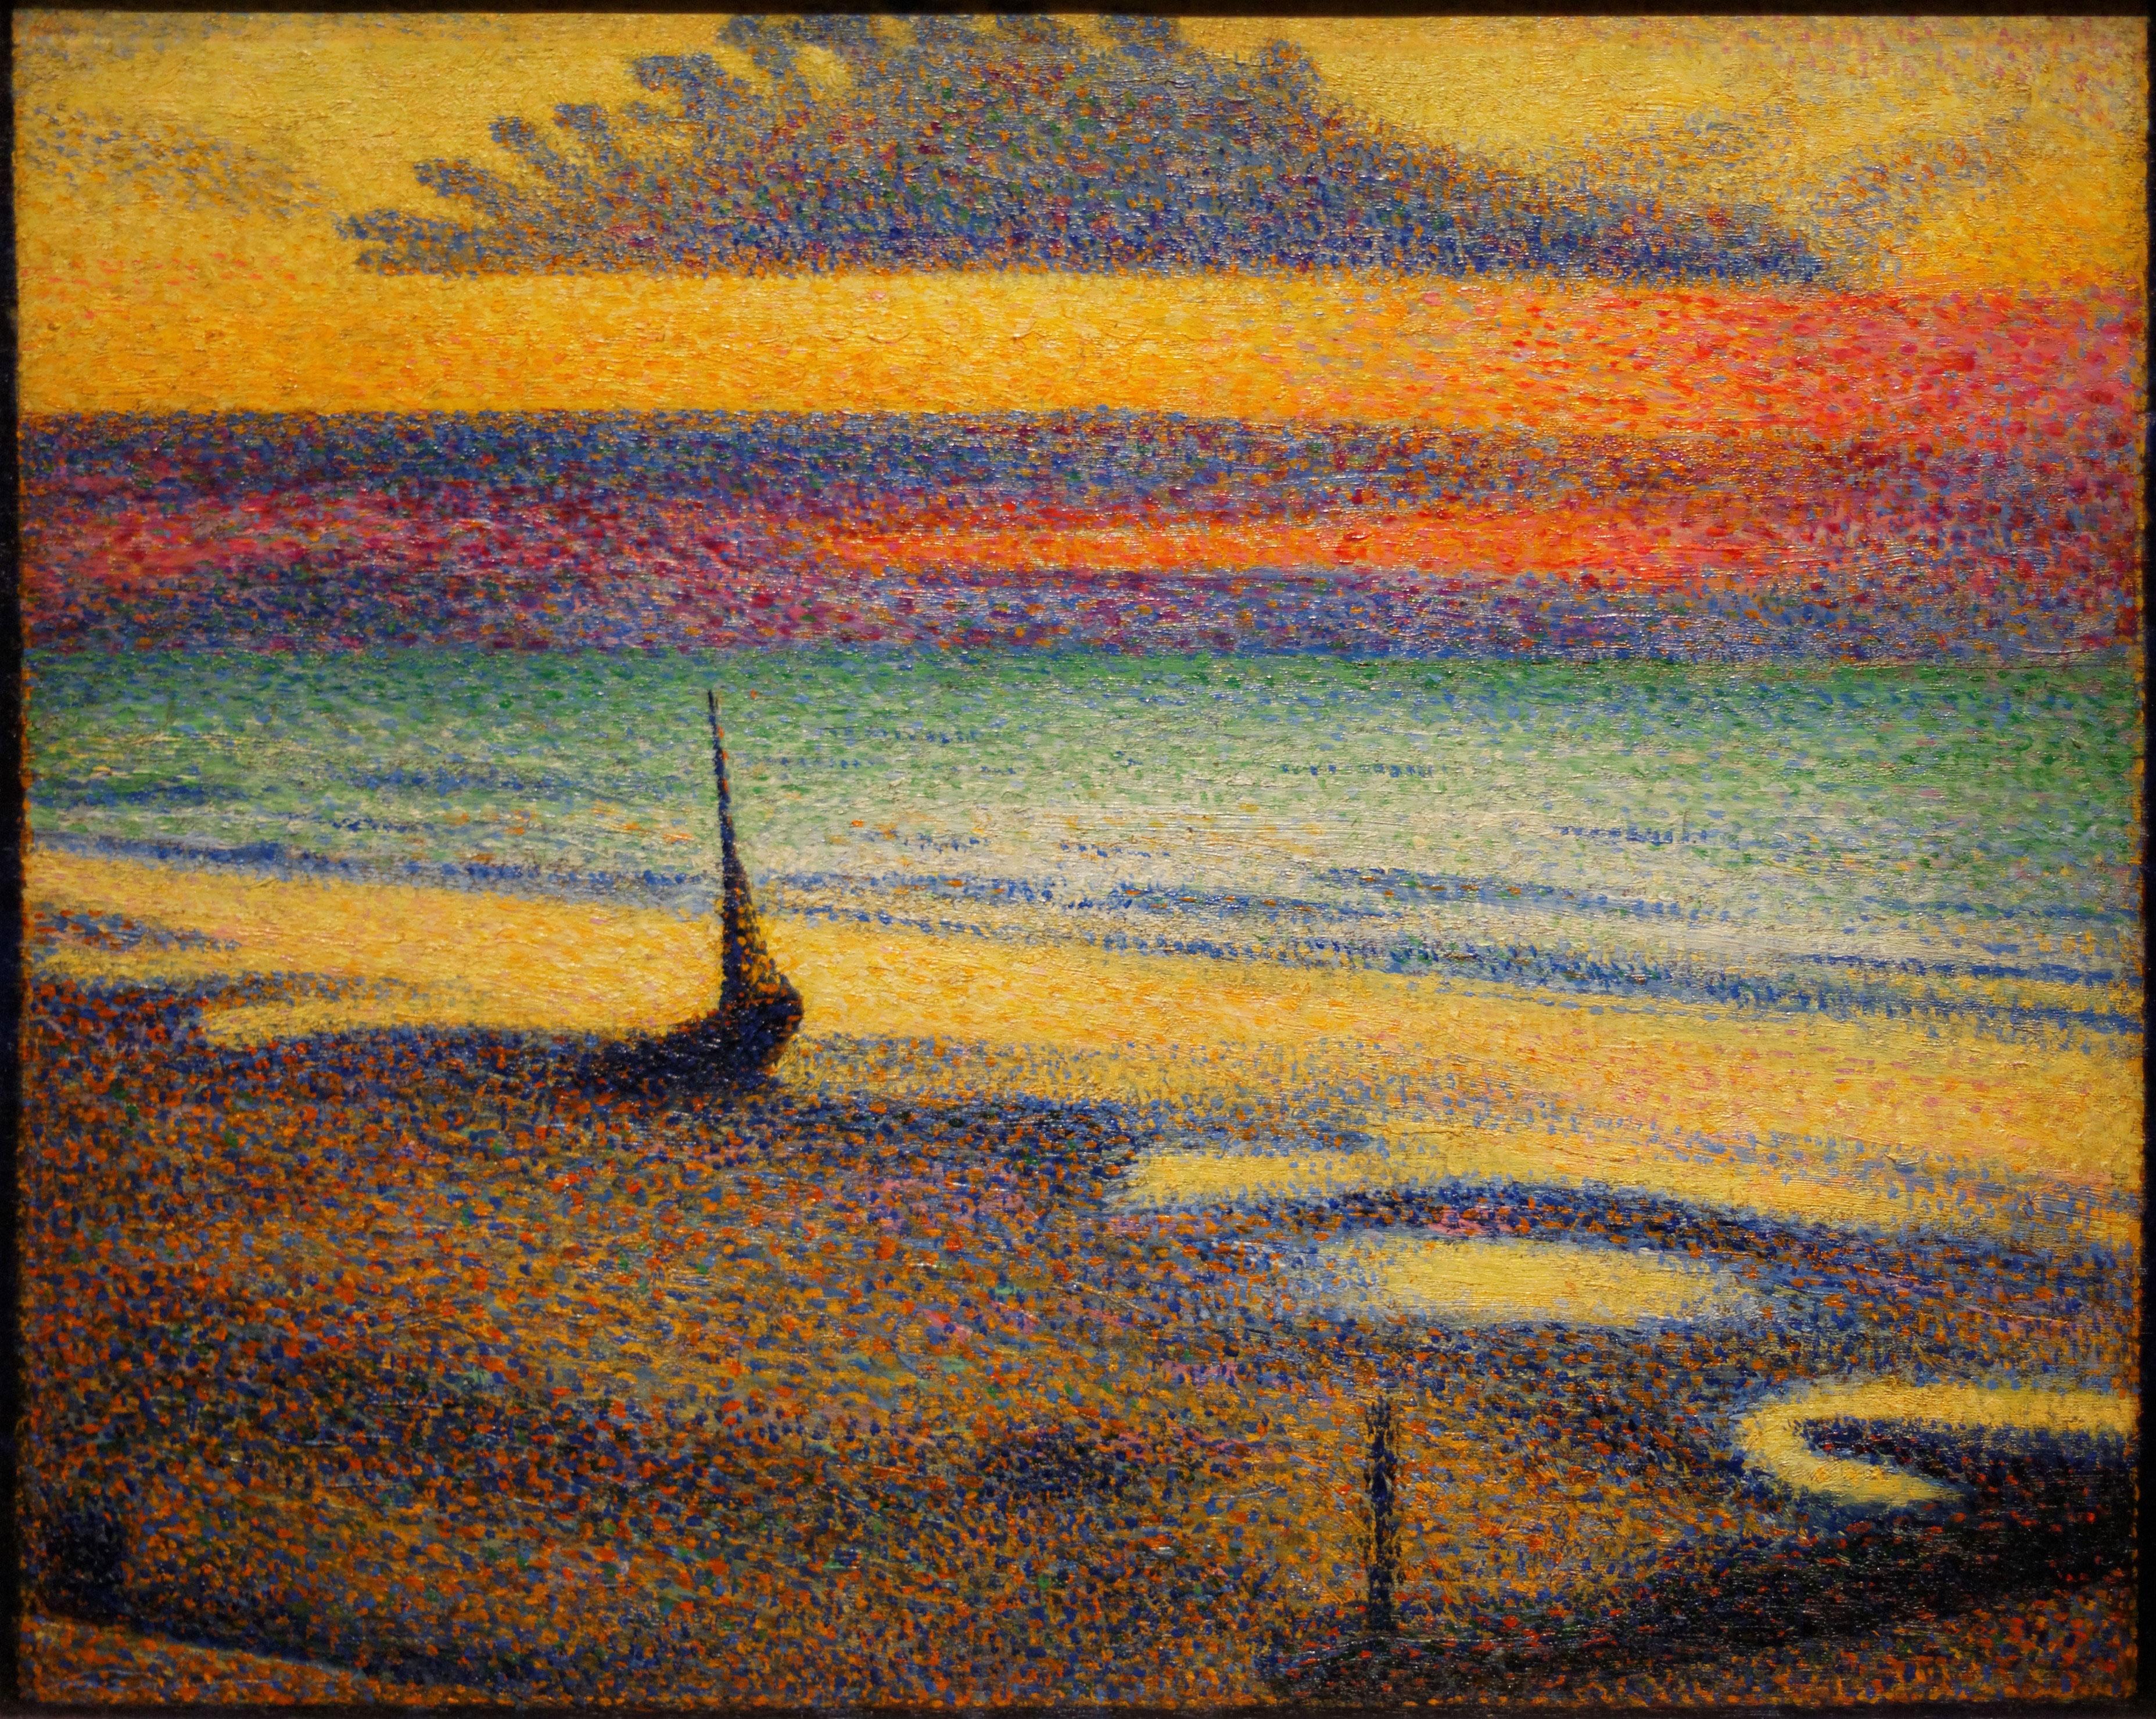 Plage à Heist de Georges Lemmen, tableau employant la technique du pointillisme